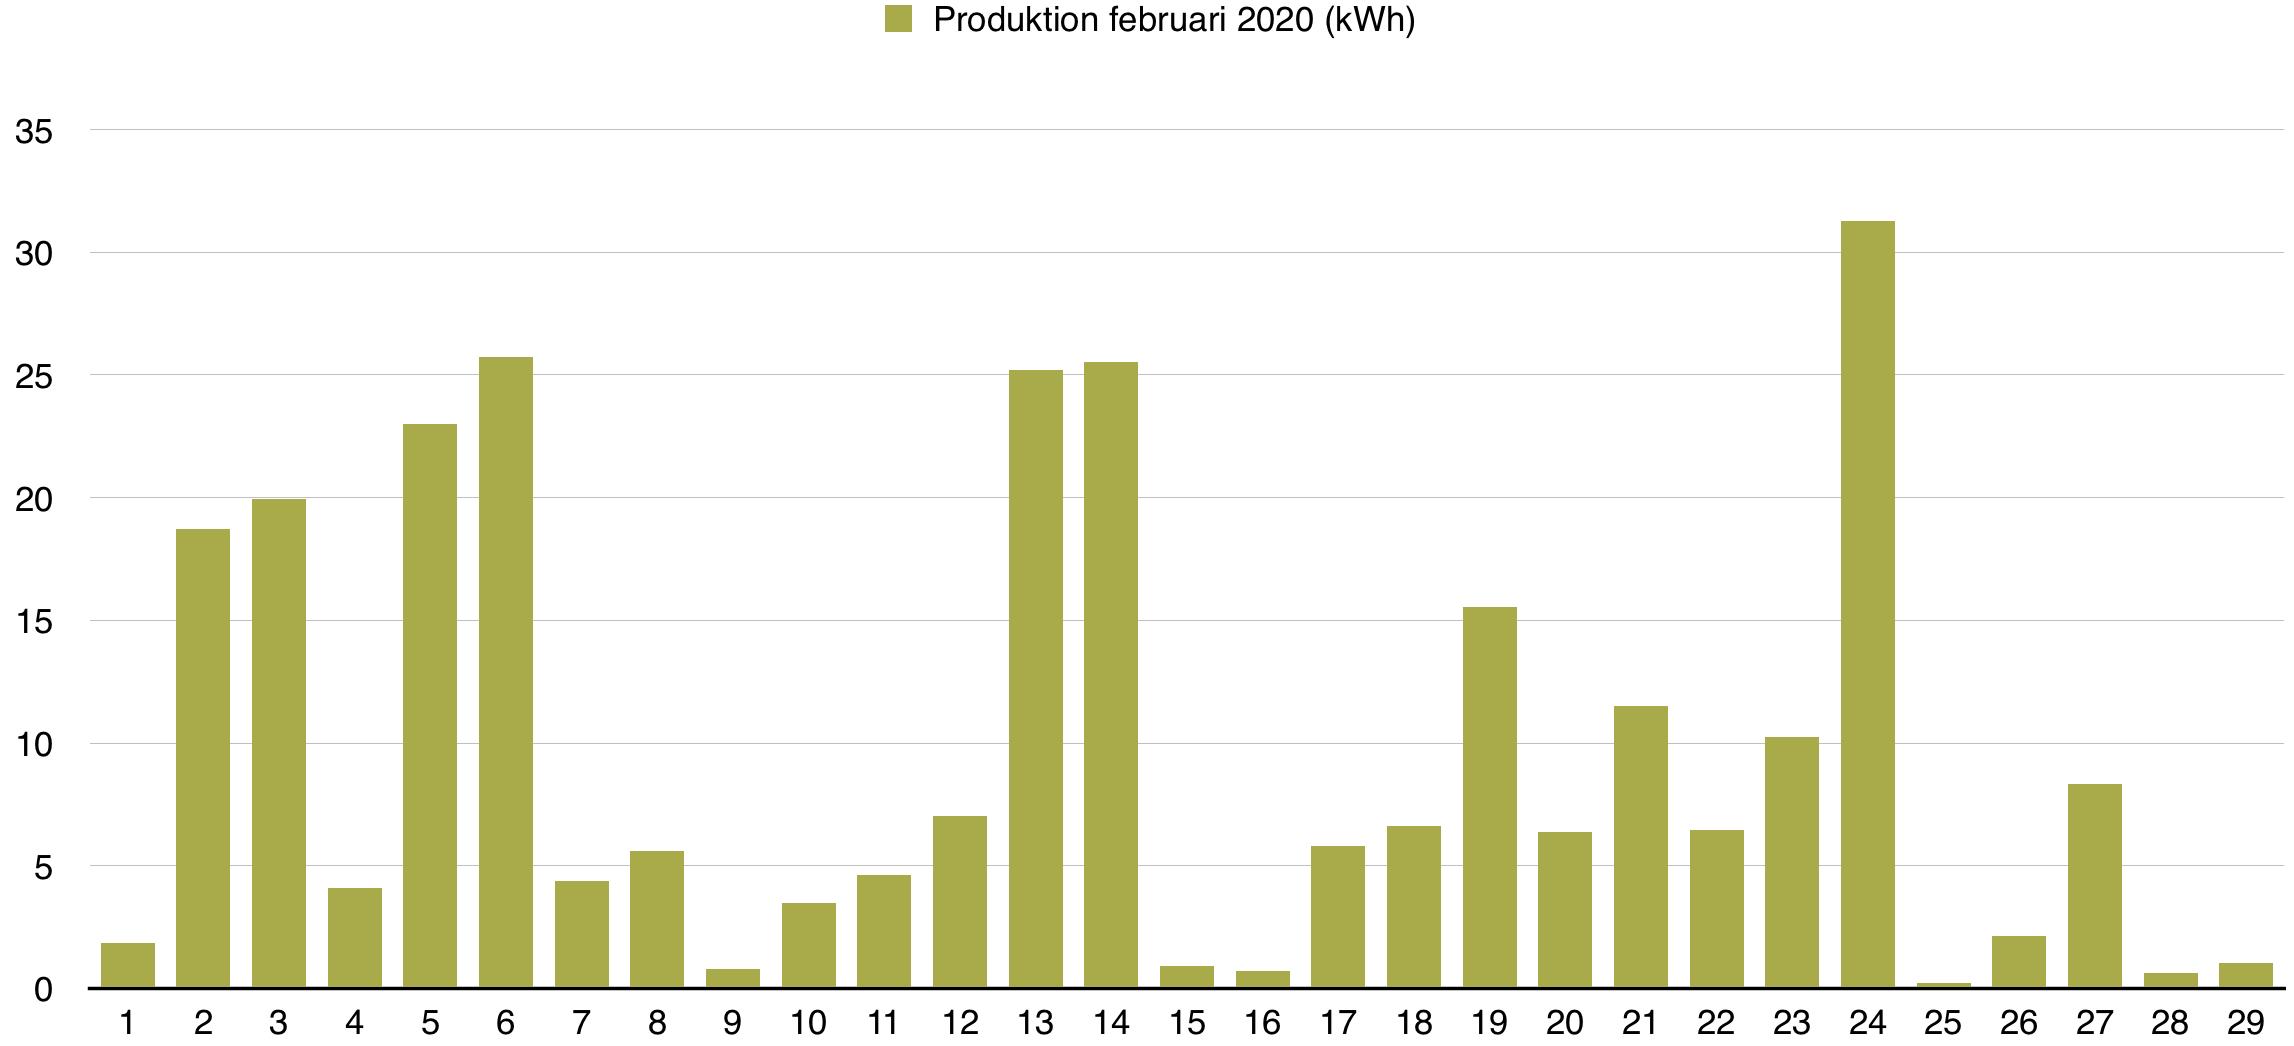 Solceller - Produktion februari 2020